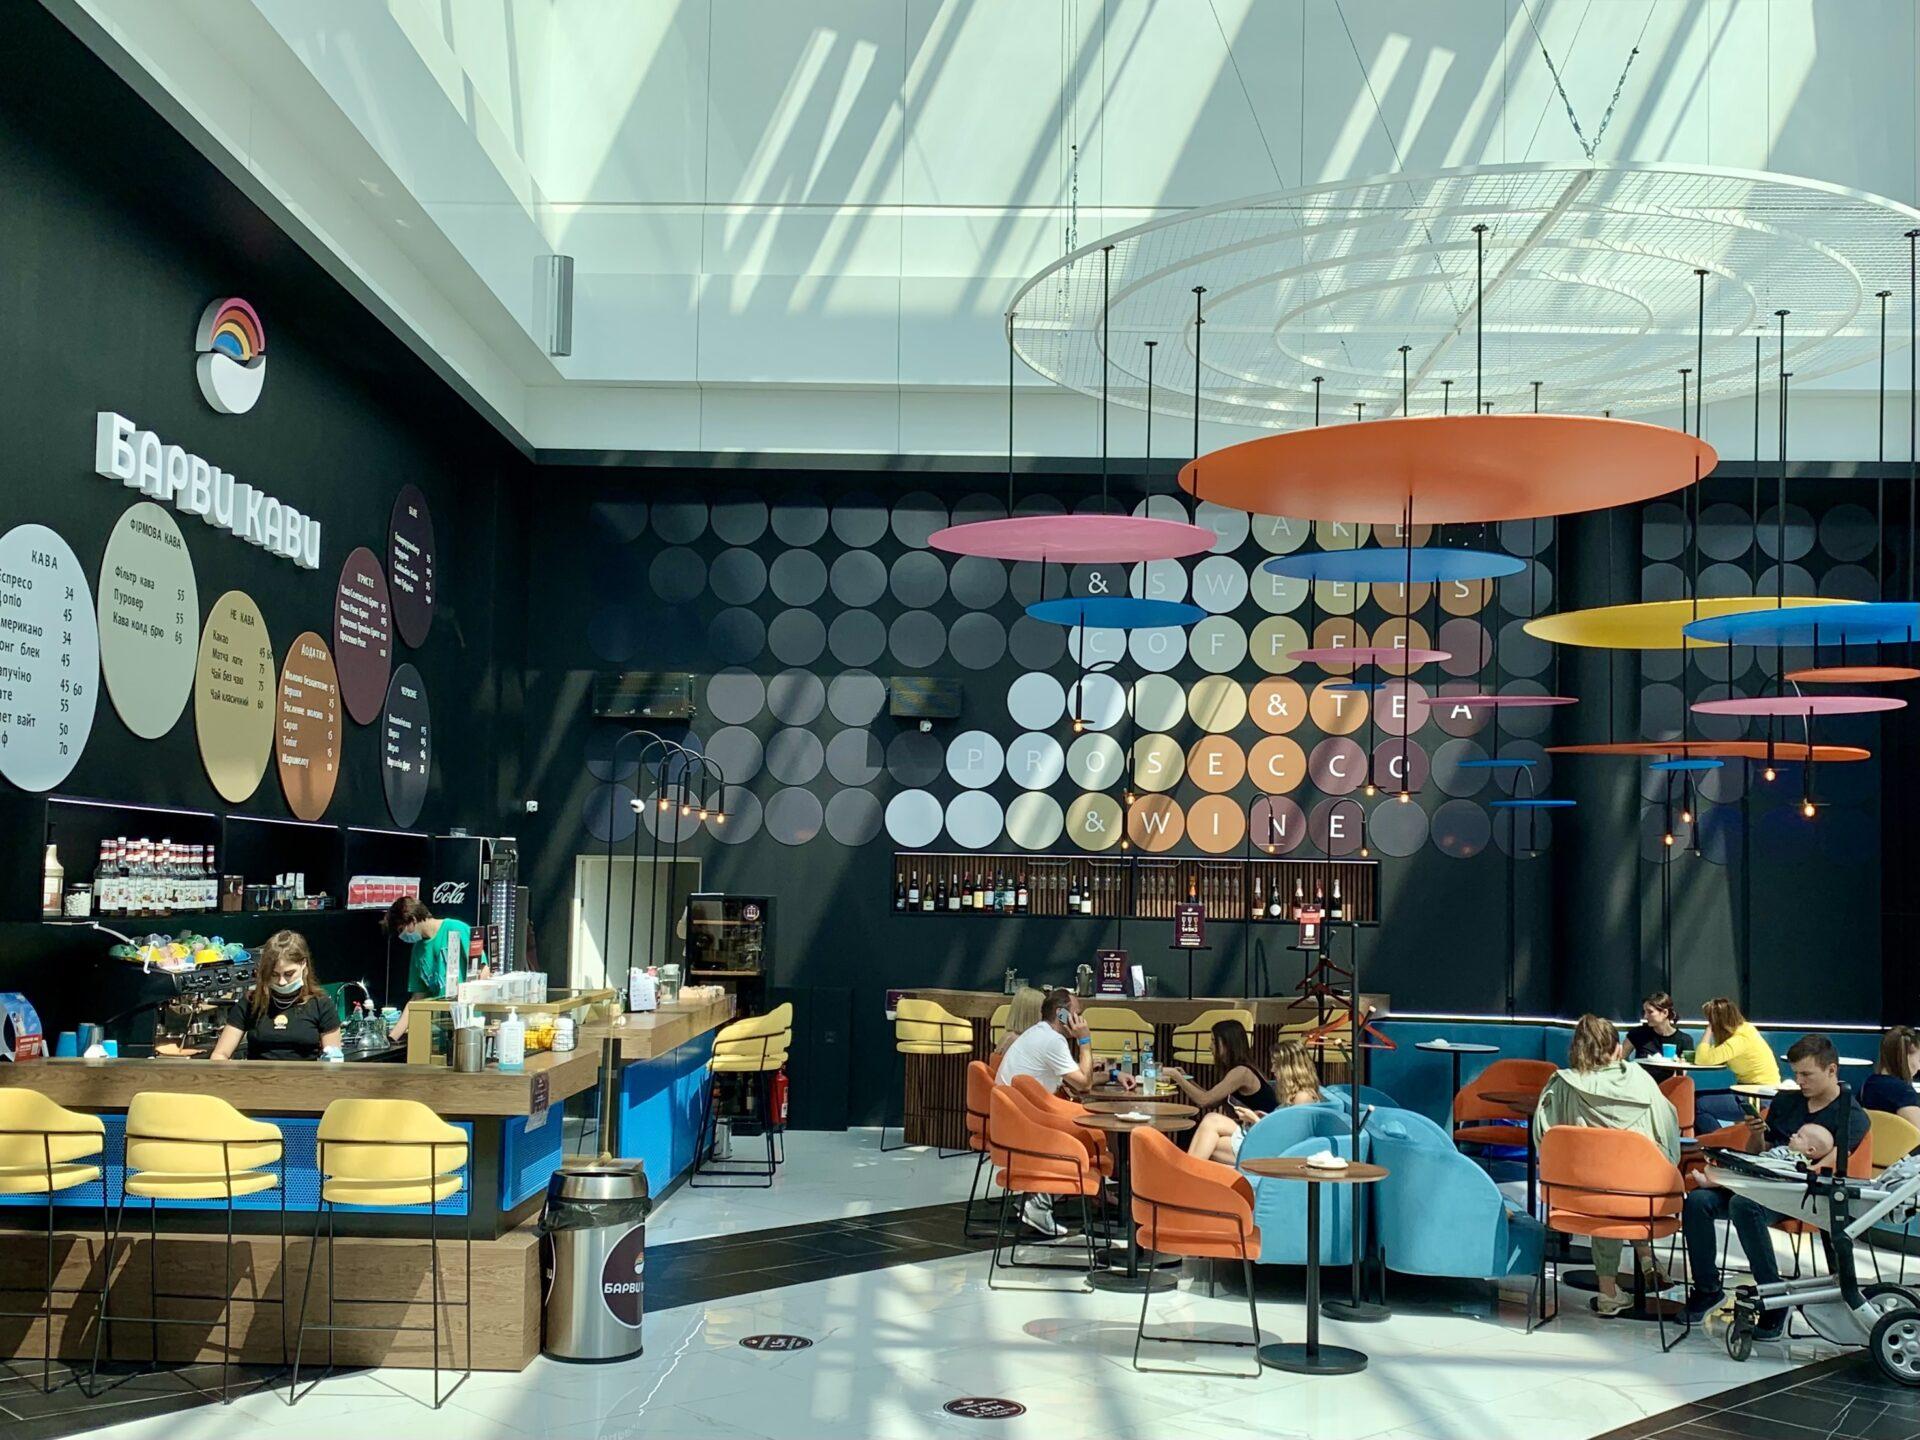 мебель для кофейни, мебель для ресторана, комплексное оформление ресторана, дизайн интерьера кофейни, дизайн интерьера, дизайн интерьера ресторана, витрина, мебель для бизнеса, барная стойка на заказ, индивидуальная мебель на заказ